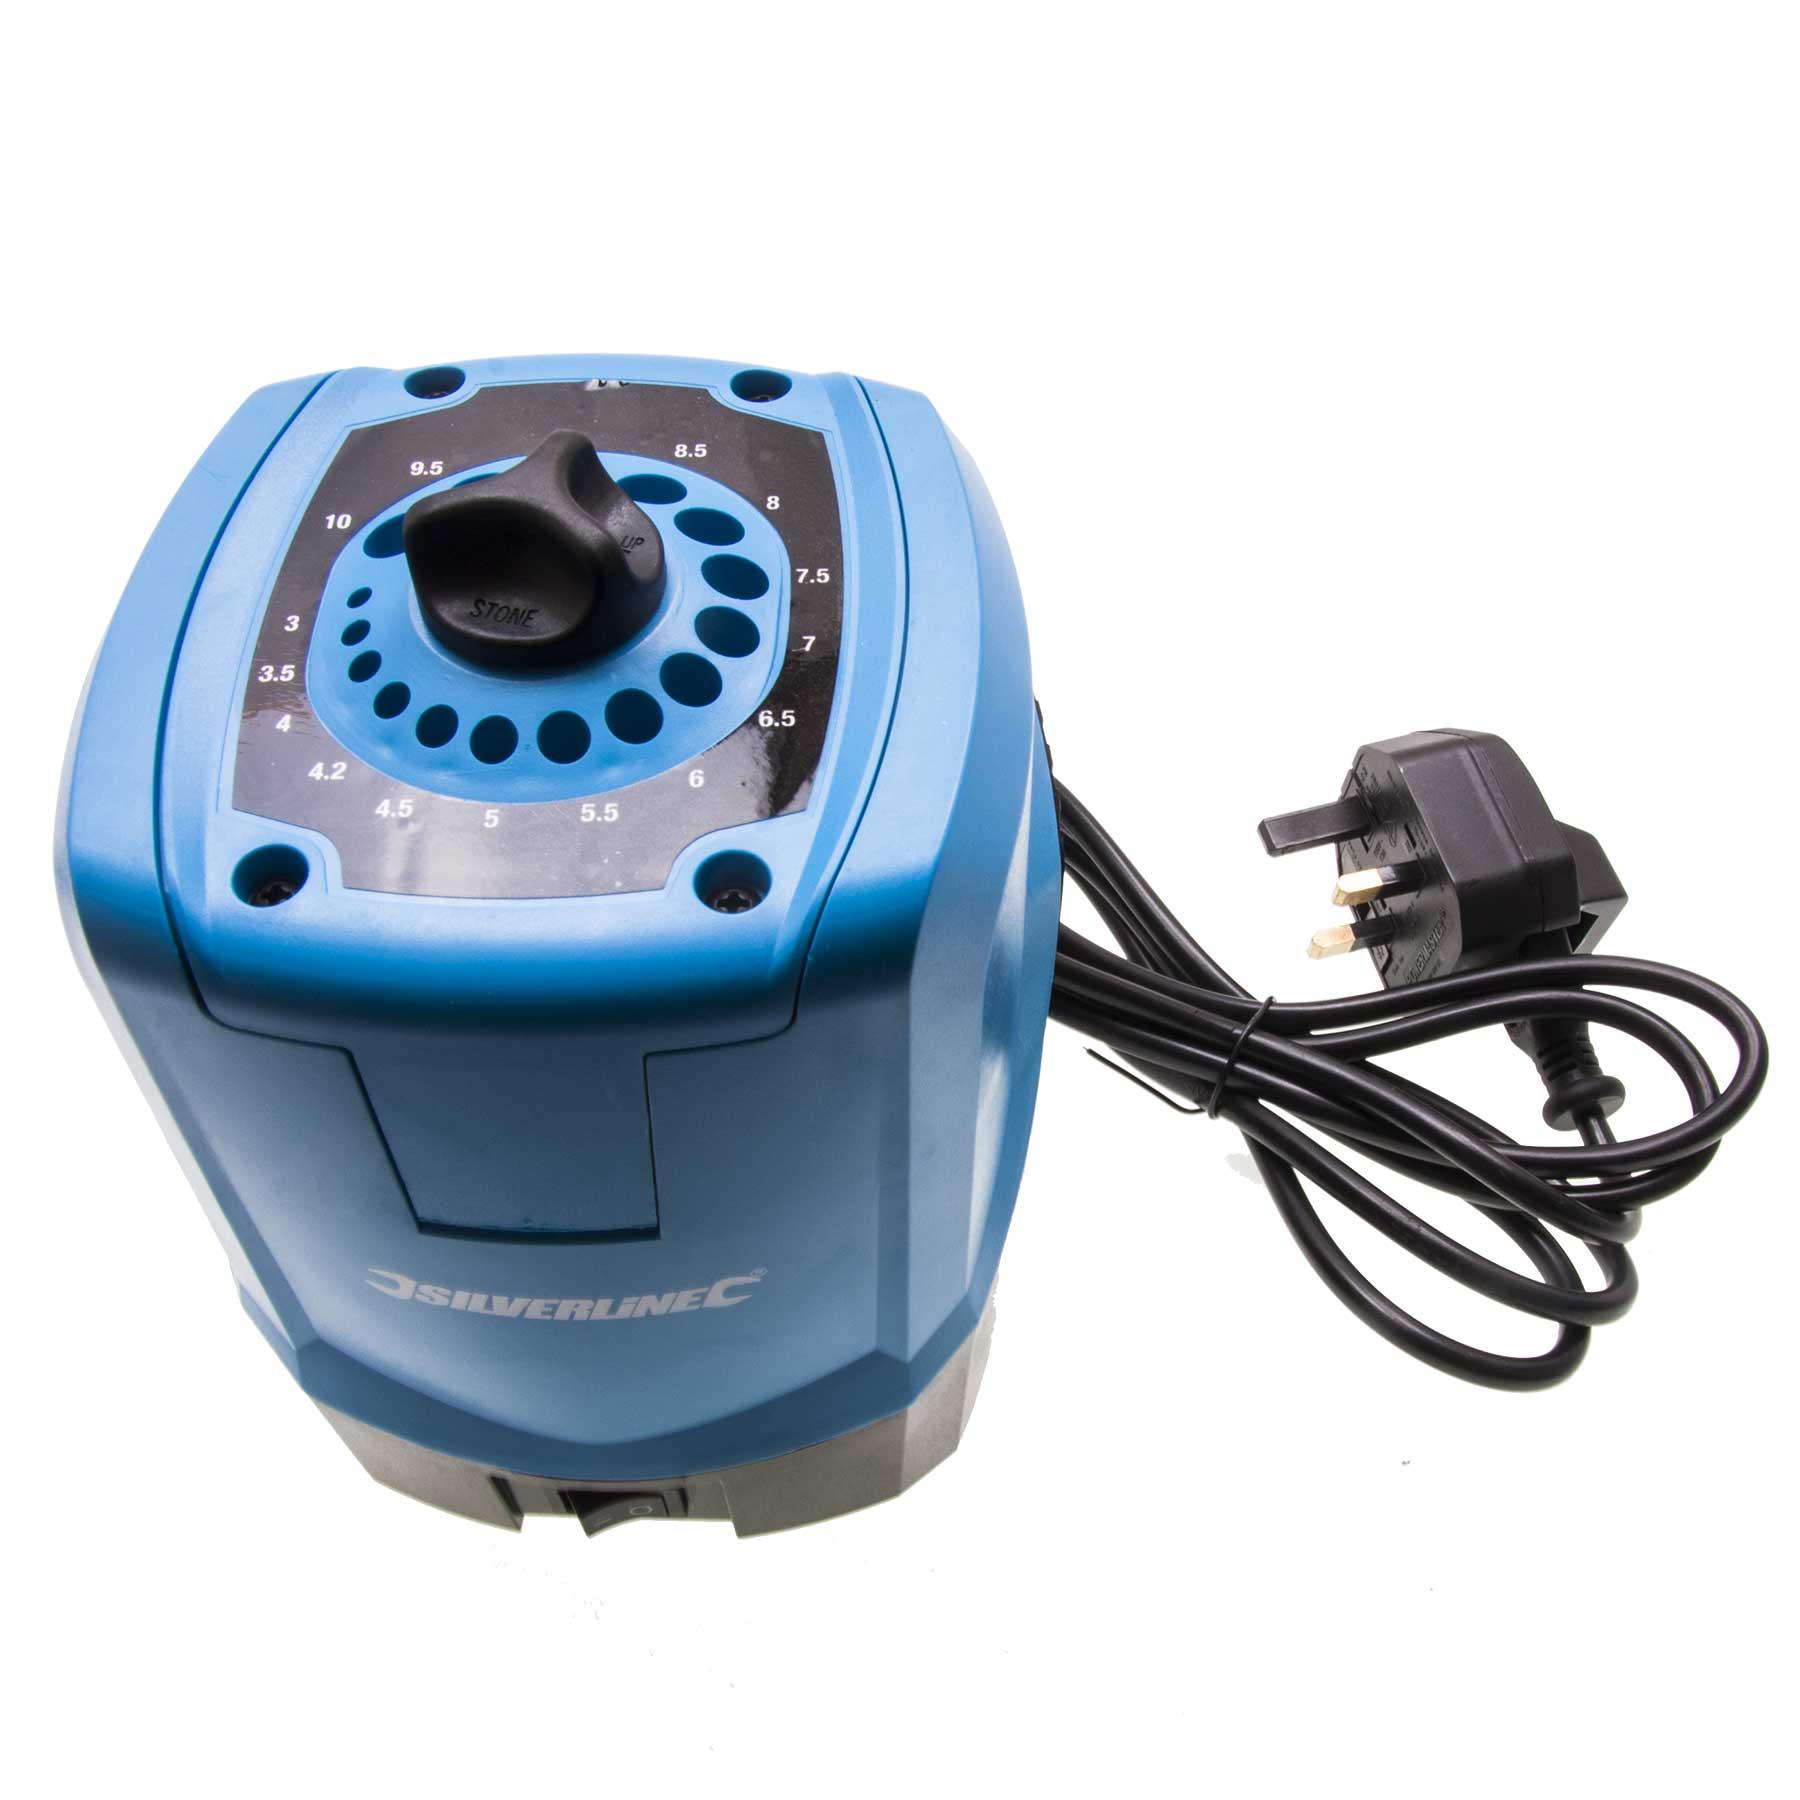 Silverline 312279 DIY 95W Drill Bit Sharpener | Silverline 312279 ...